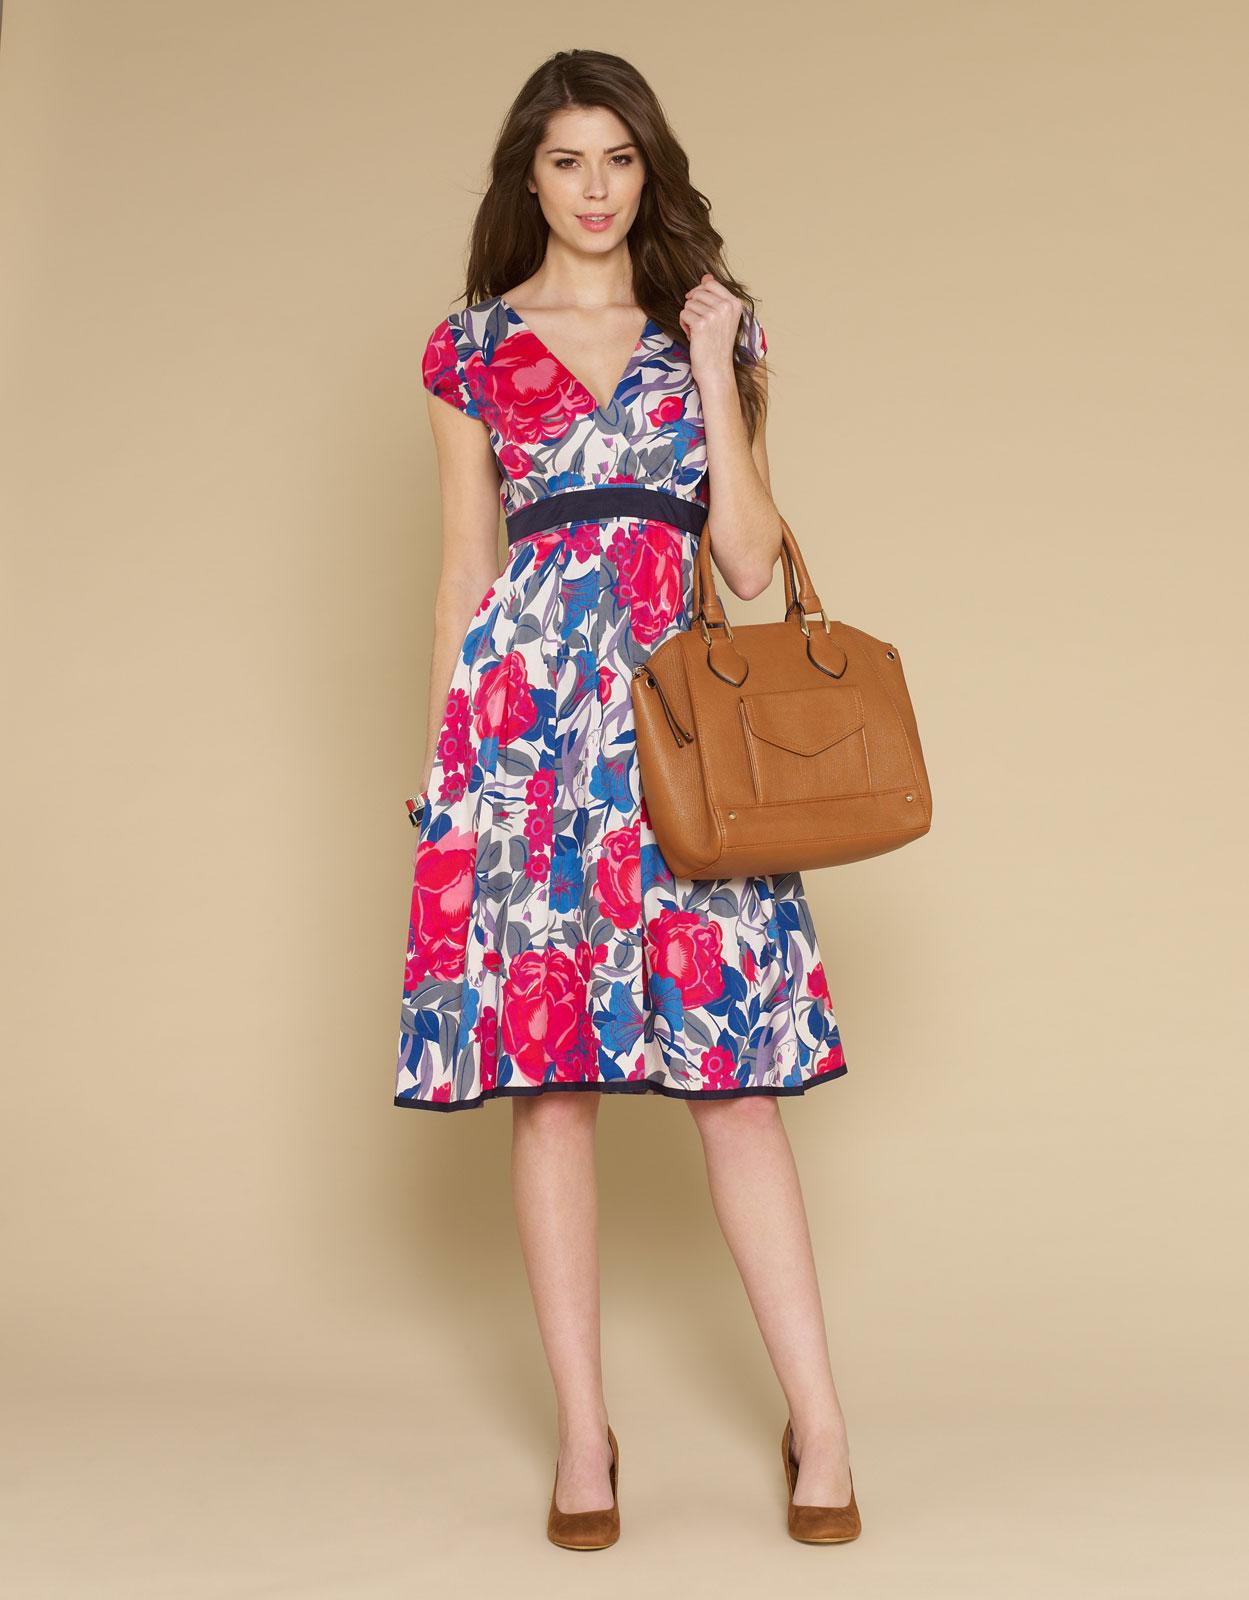 Garden Party Dress For Women